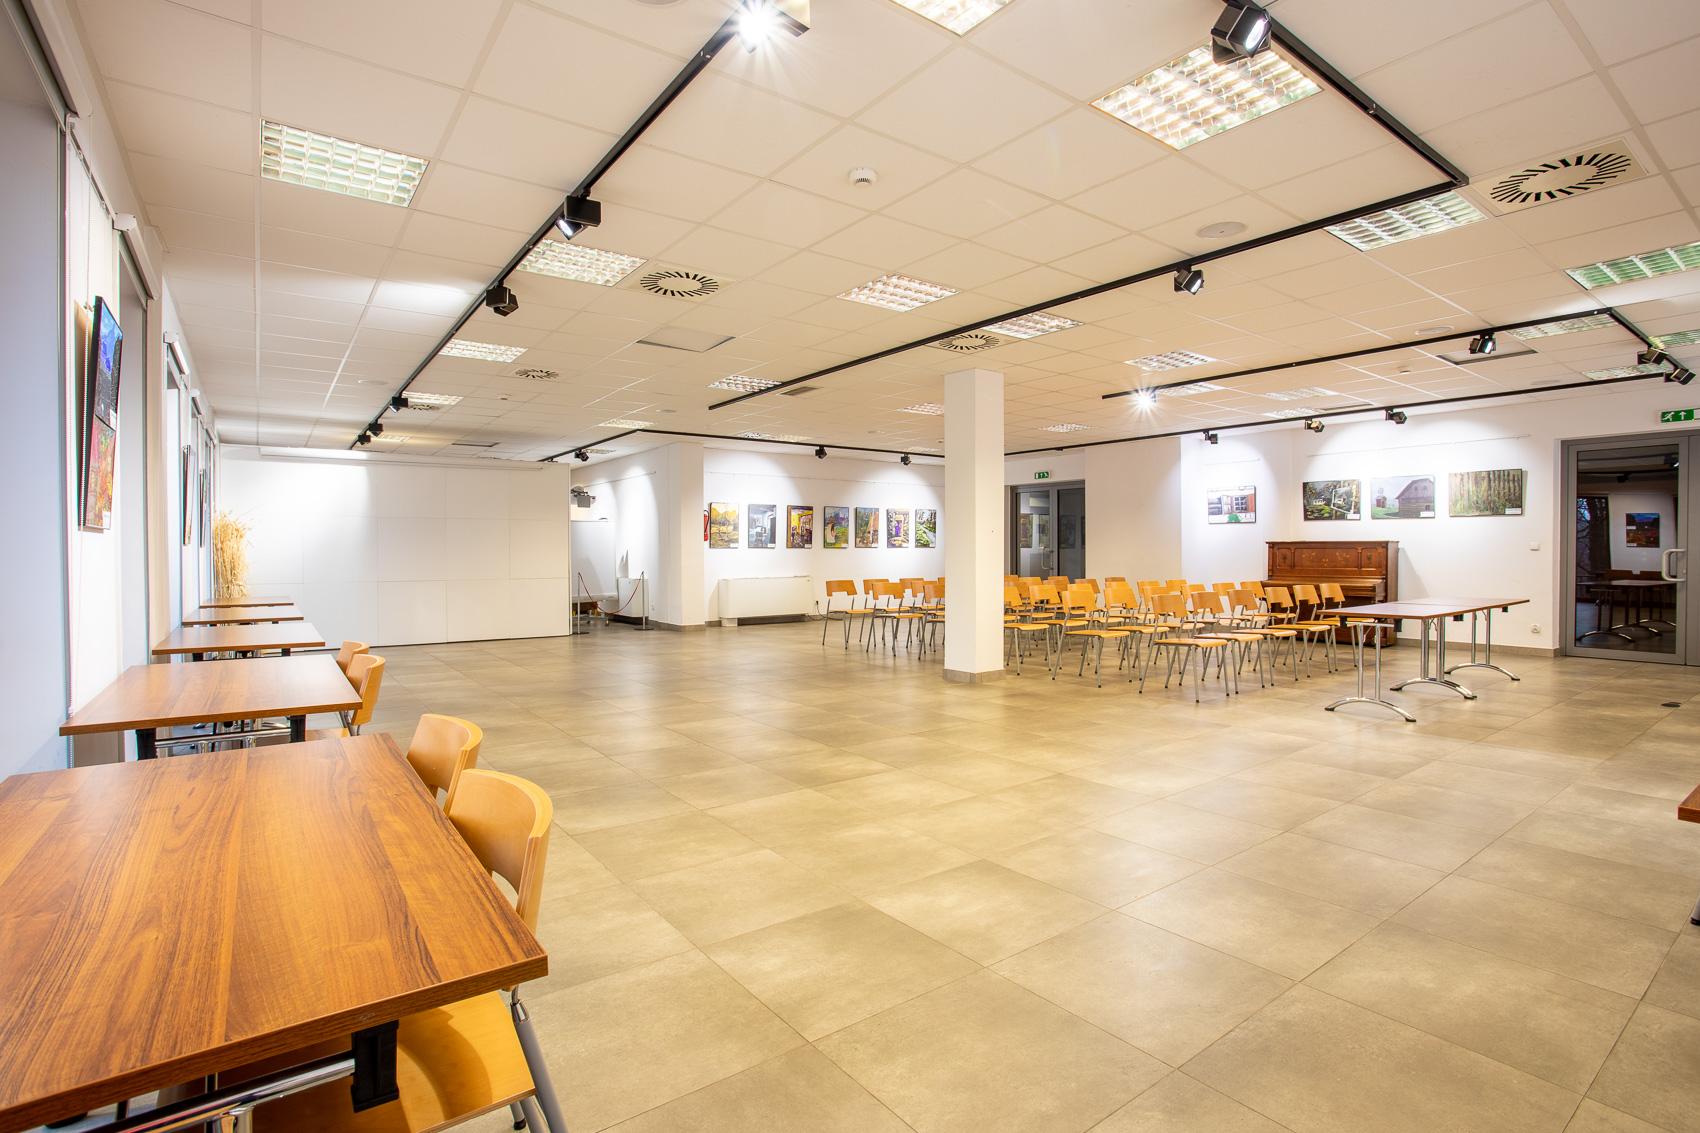 Wynajem pomieszczeń - Chorzów - Katowice - sala 140 m2